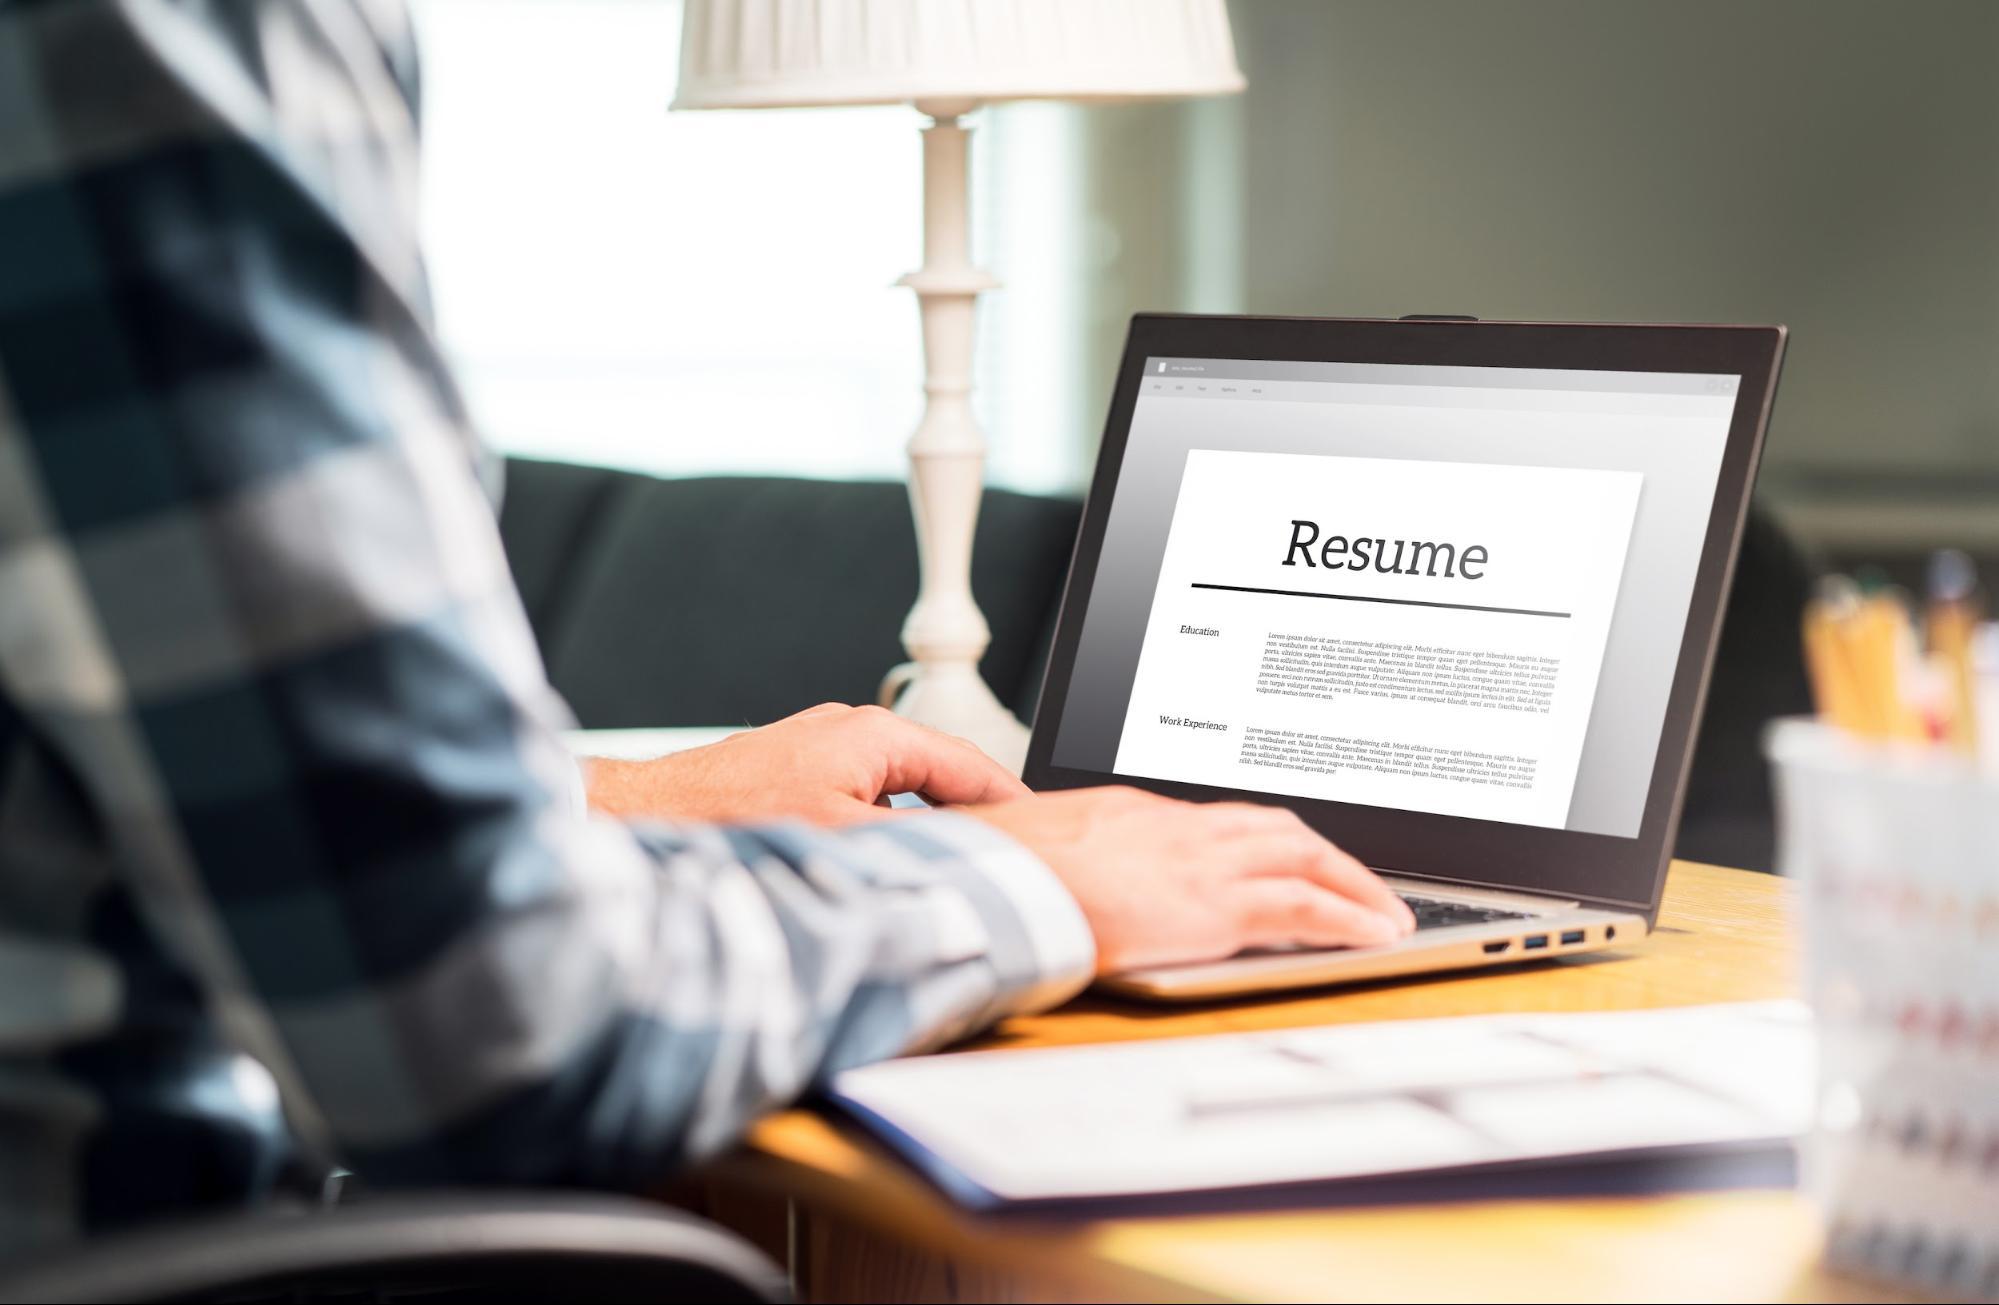 internship resume: Man updating his resume on his laptop